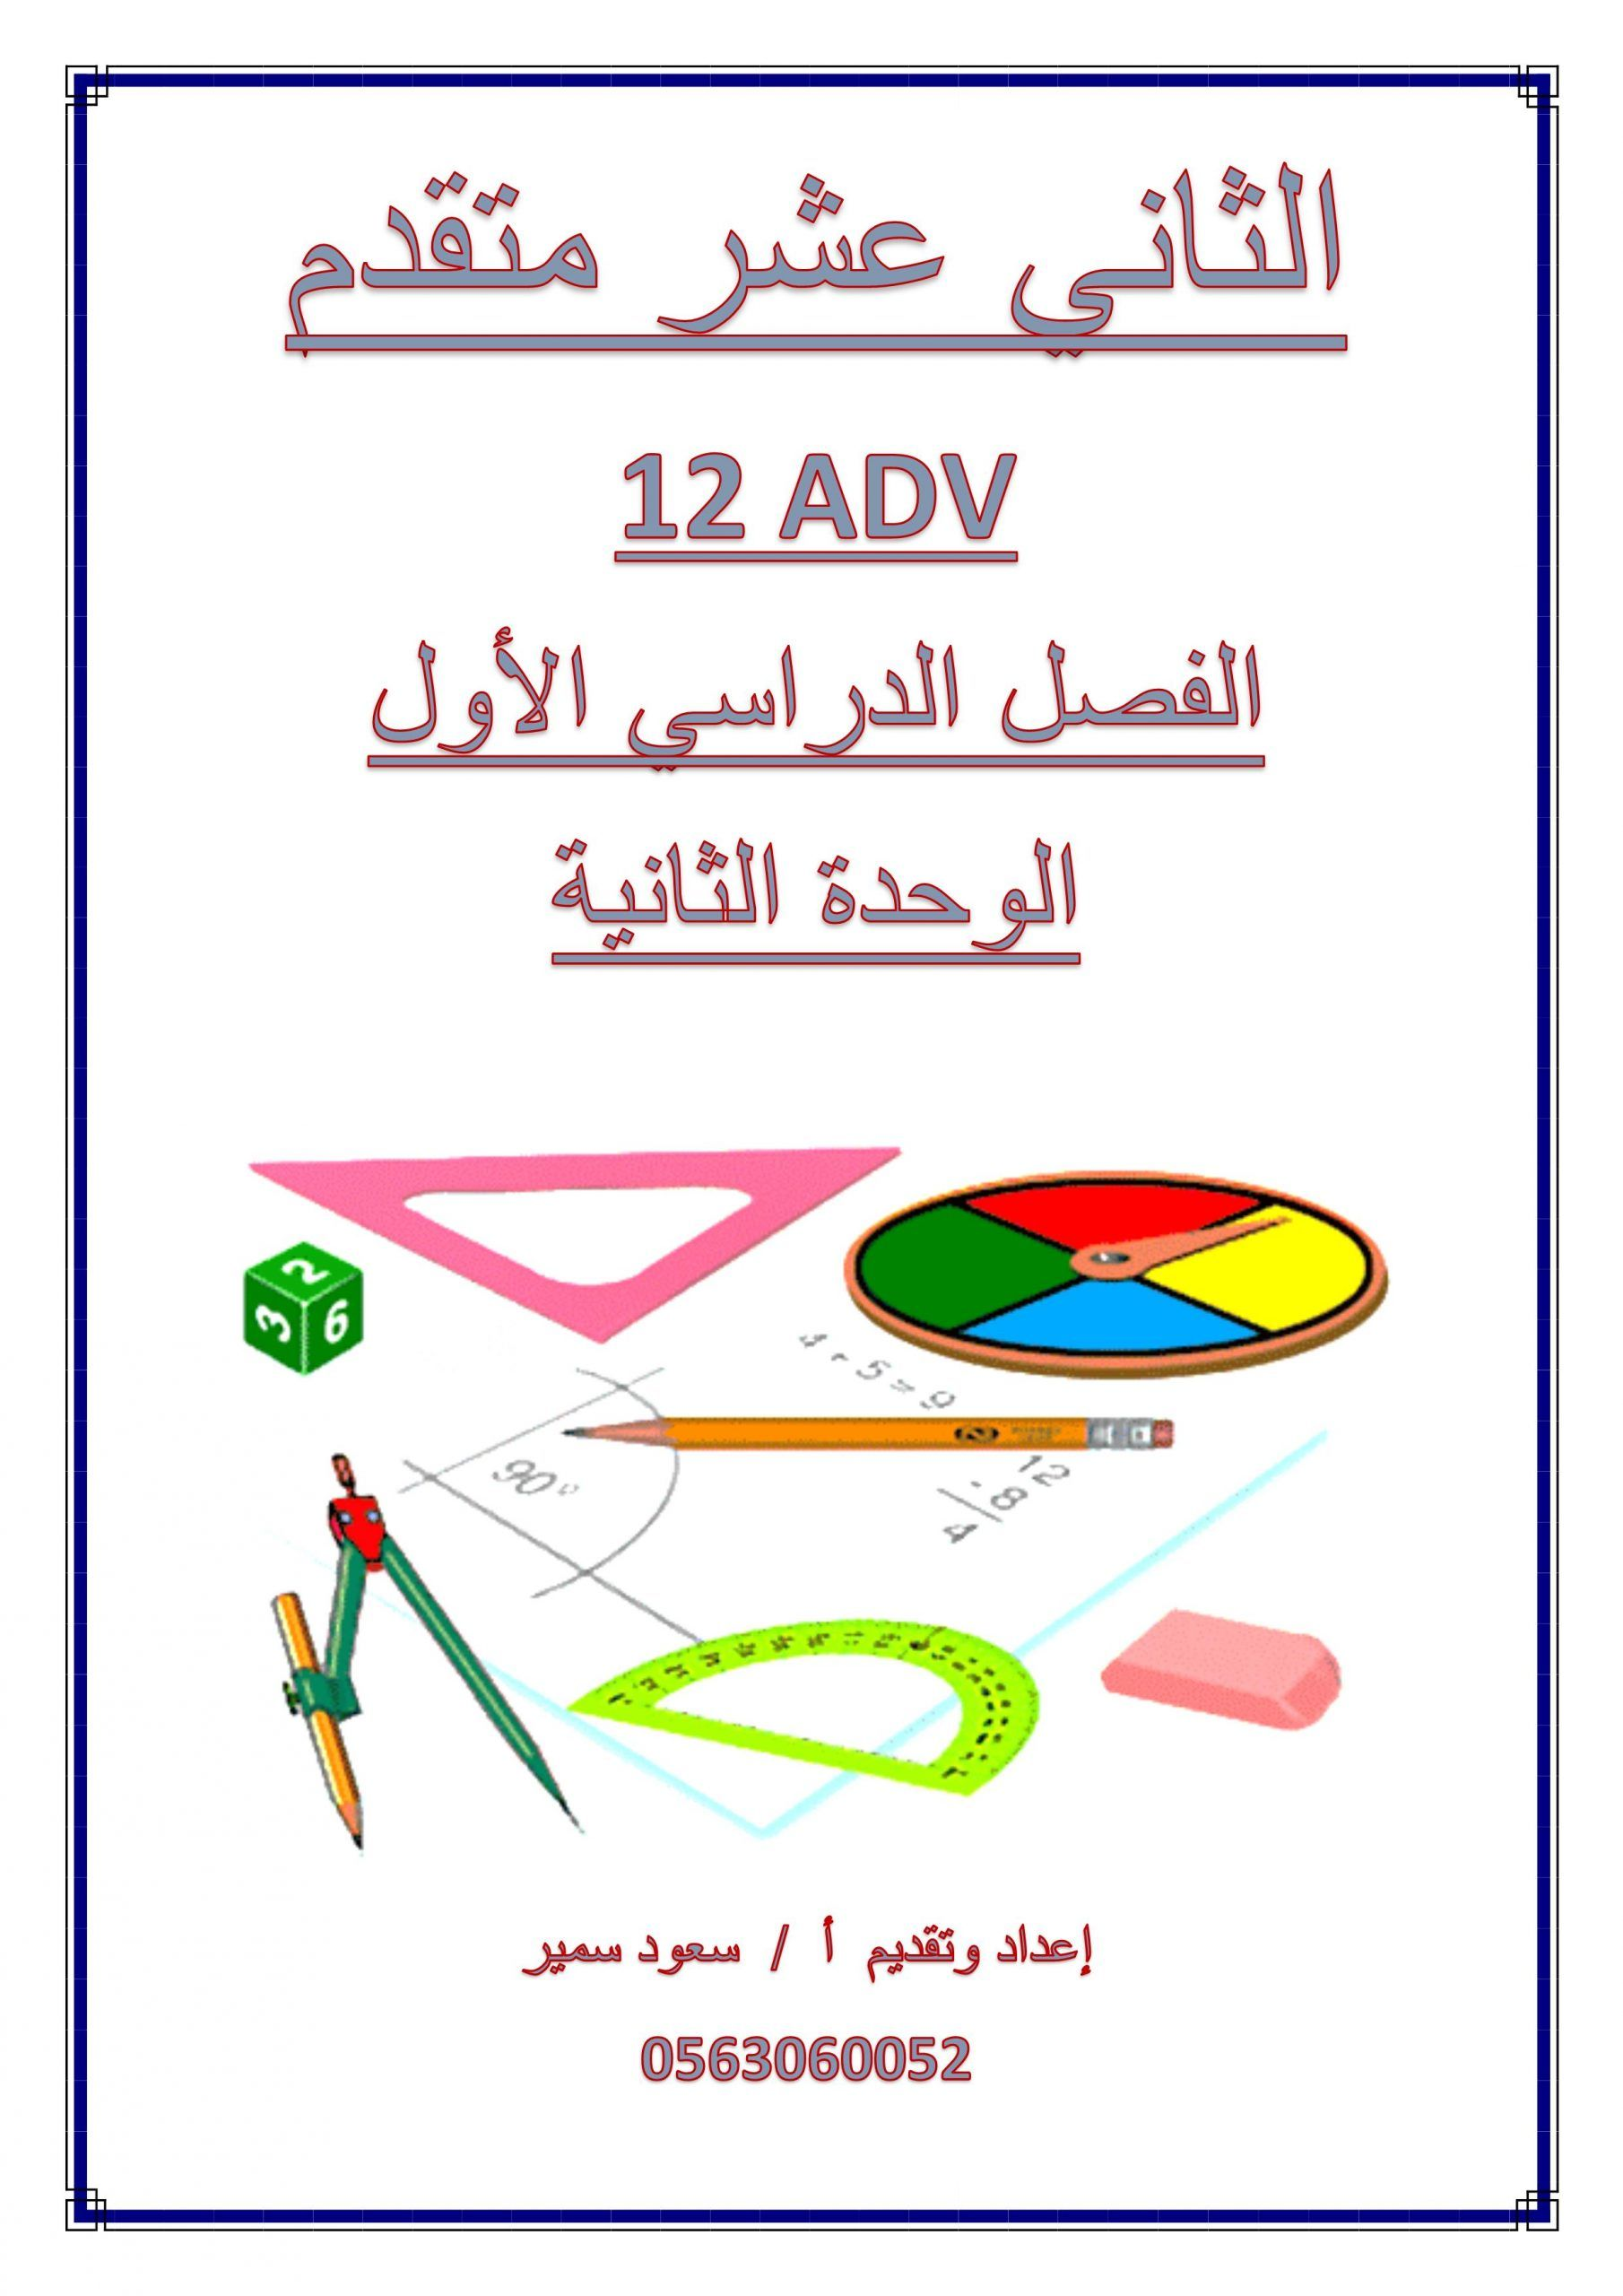 ورقة عمل تقدير ميل المنحنى وطول القوس من المنحنى للصف الثاني عشر متقدم مادة الرياضيات المتكاملة Pie Chart Chart